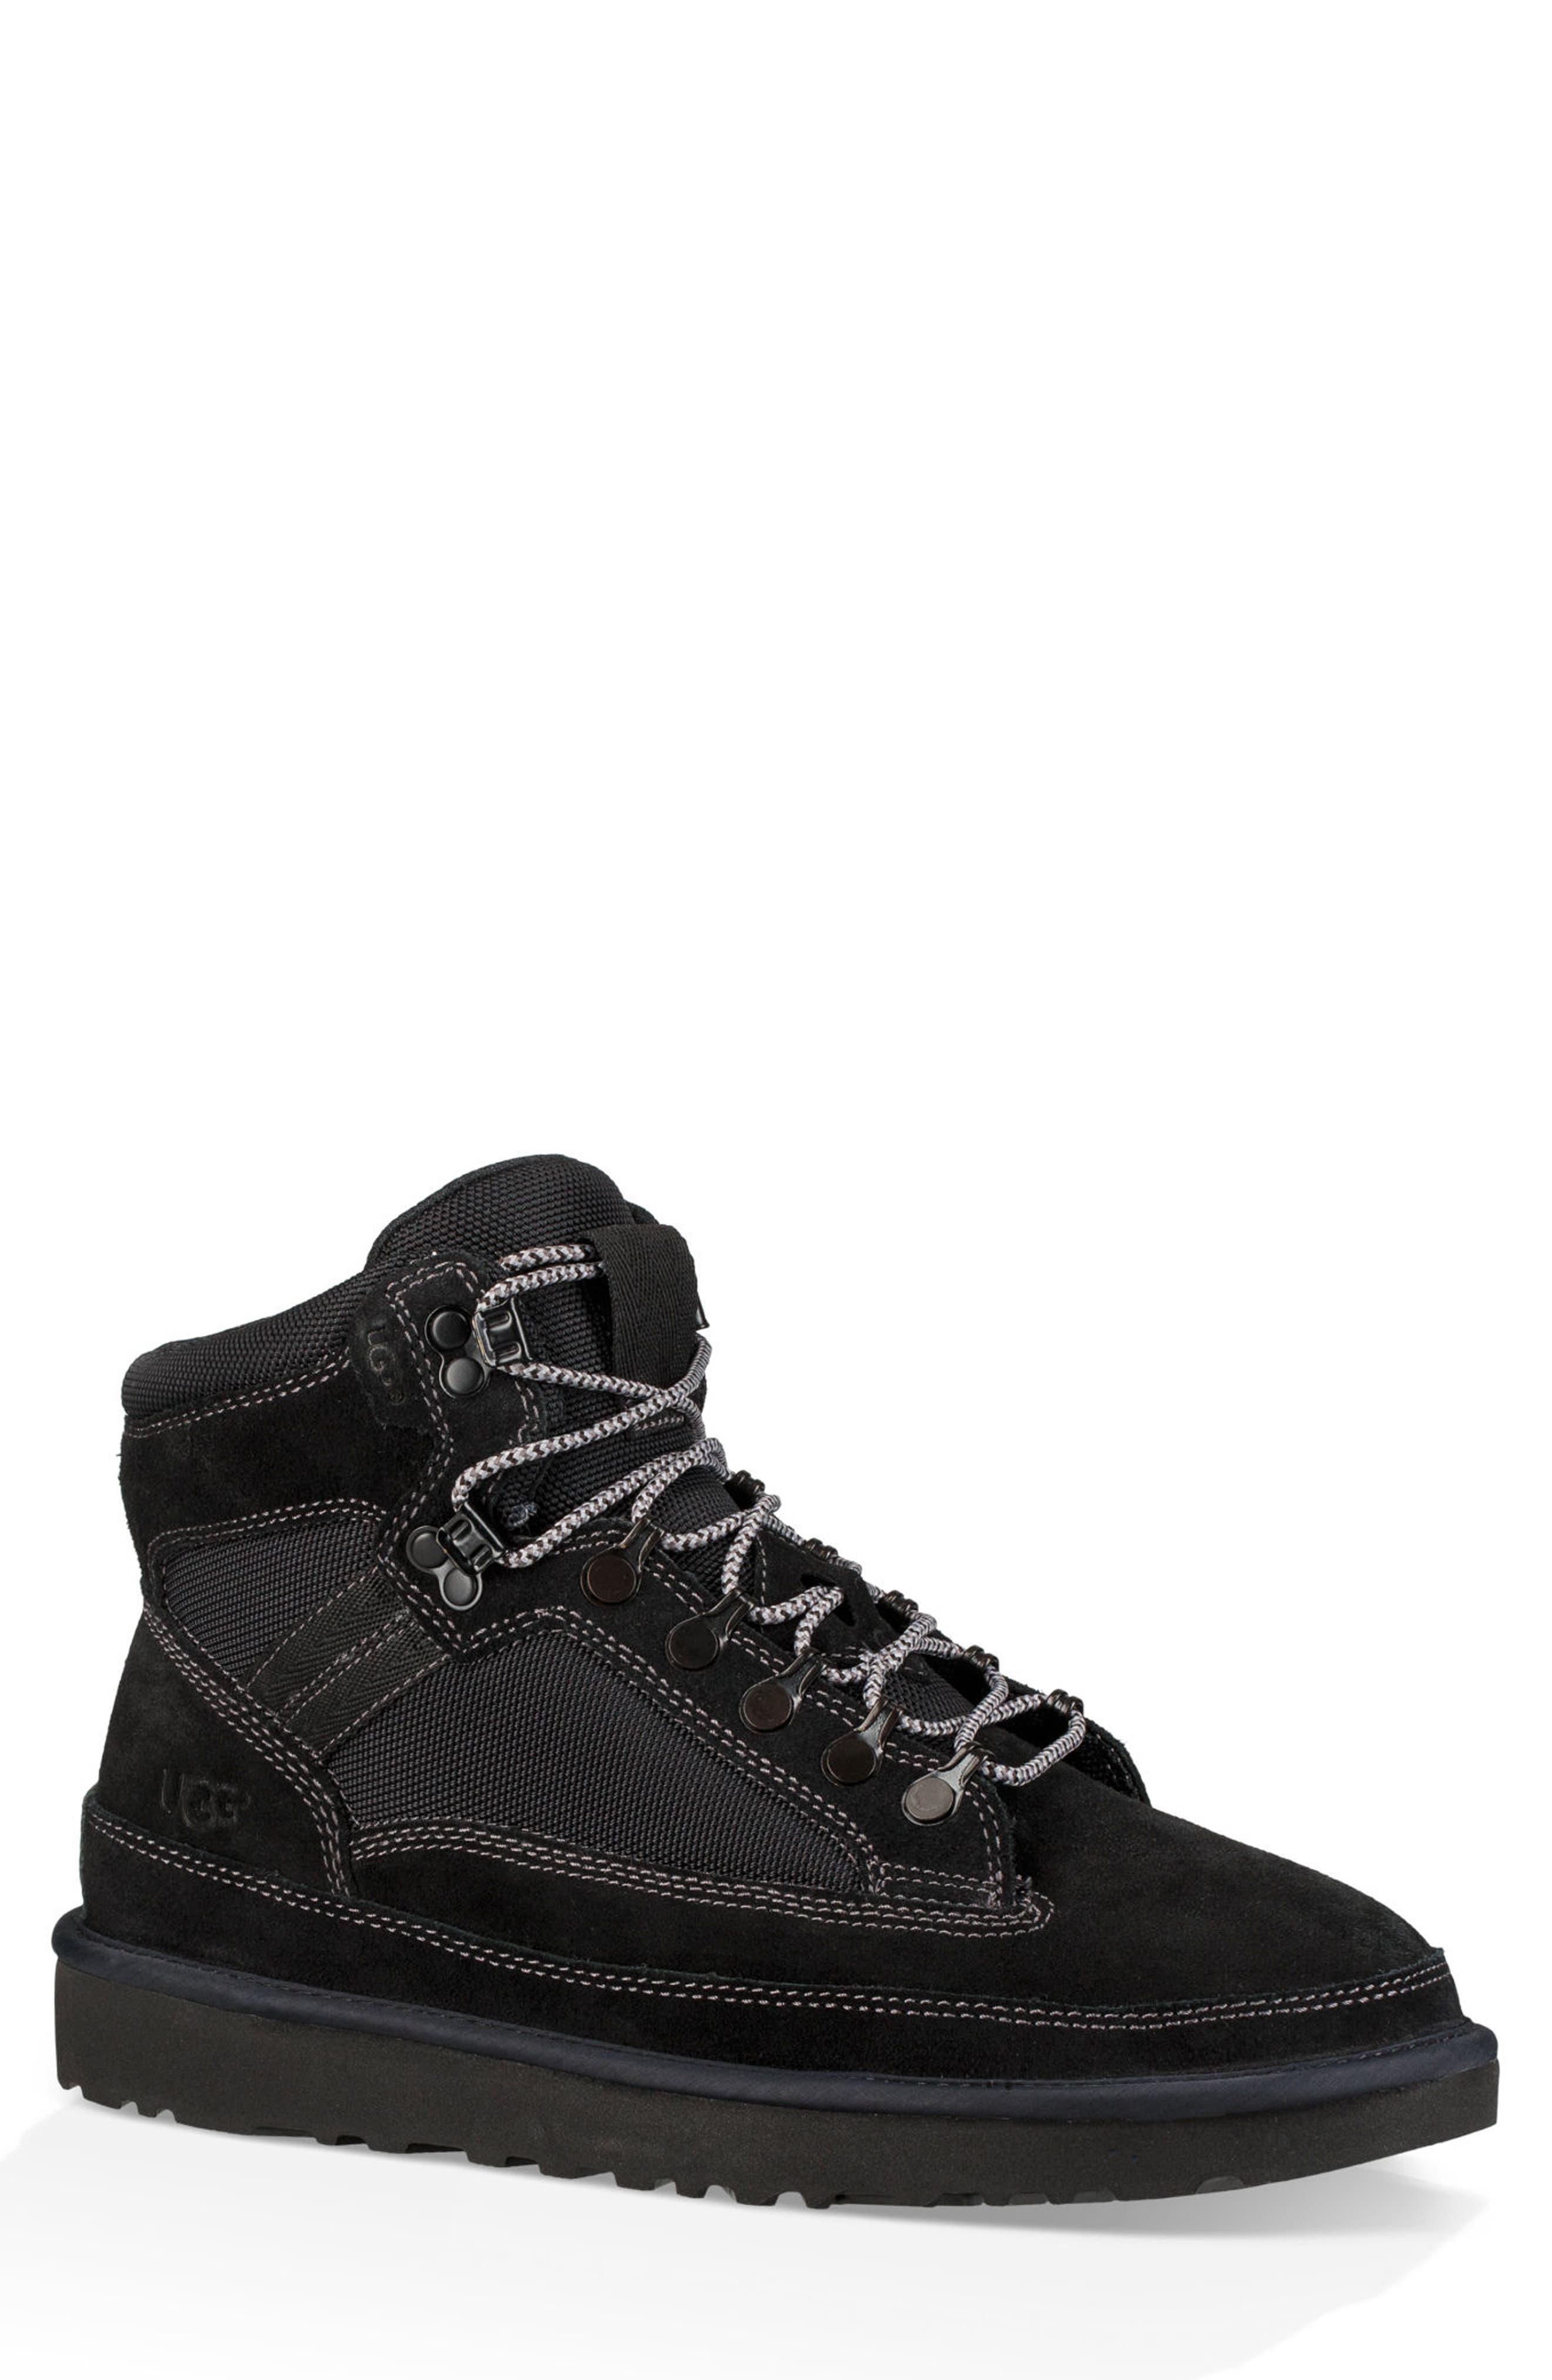 Ugg Highland Hiker Boot, Black